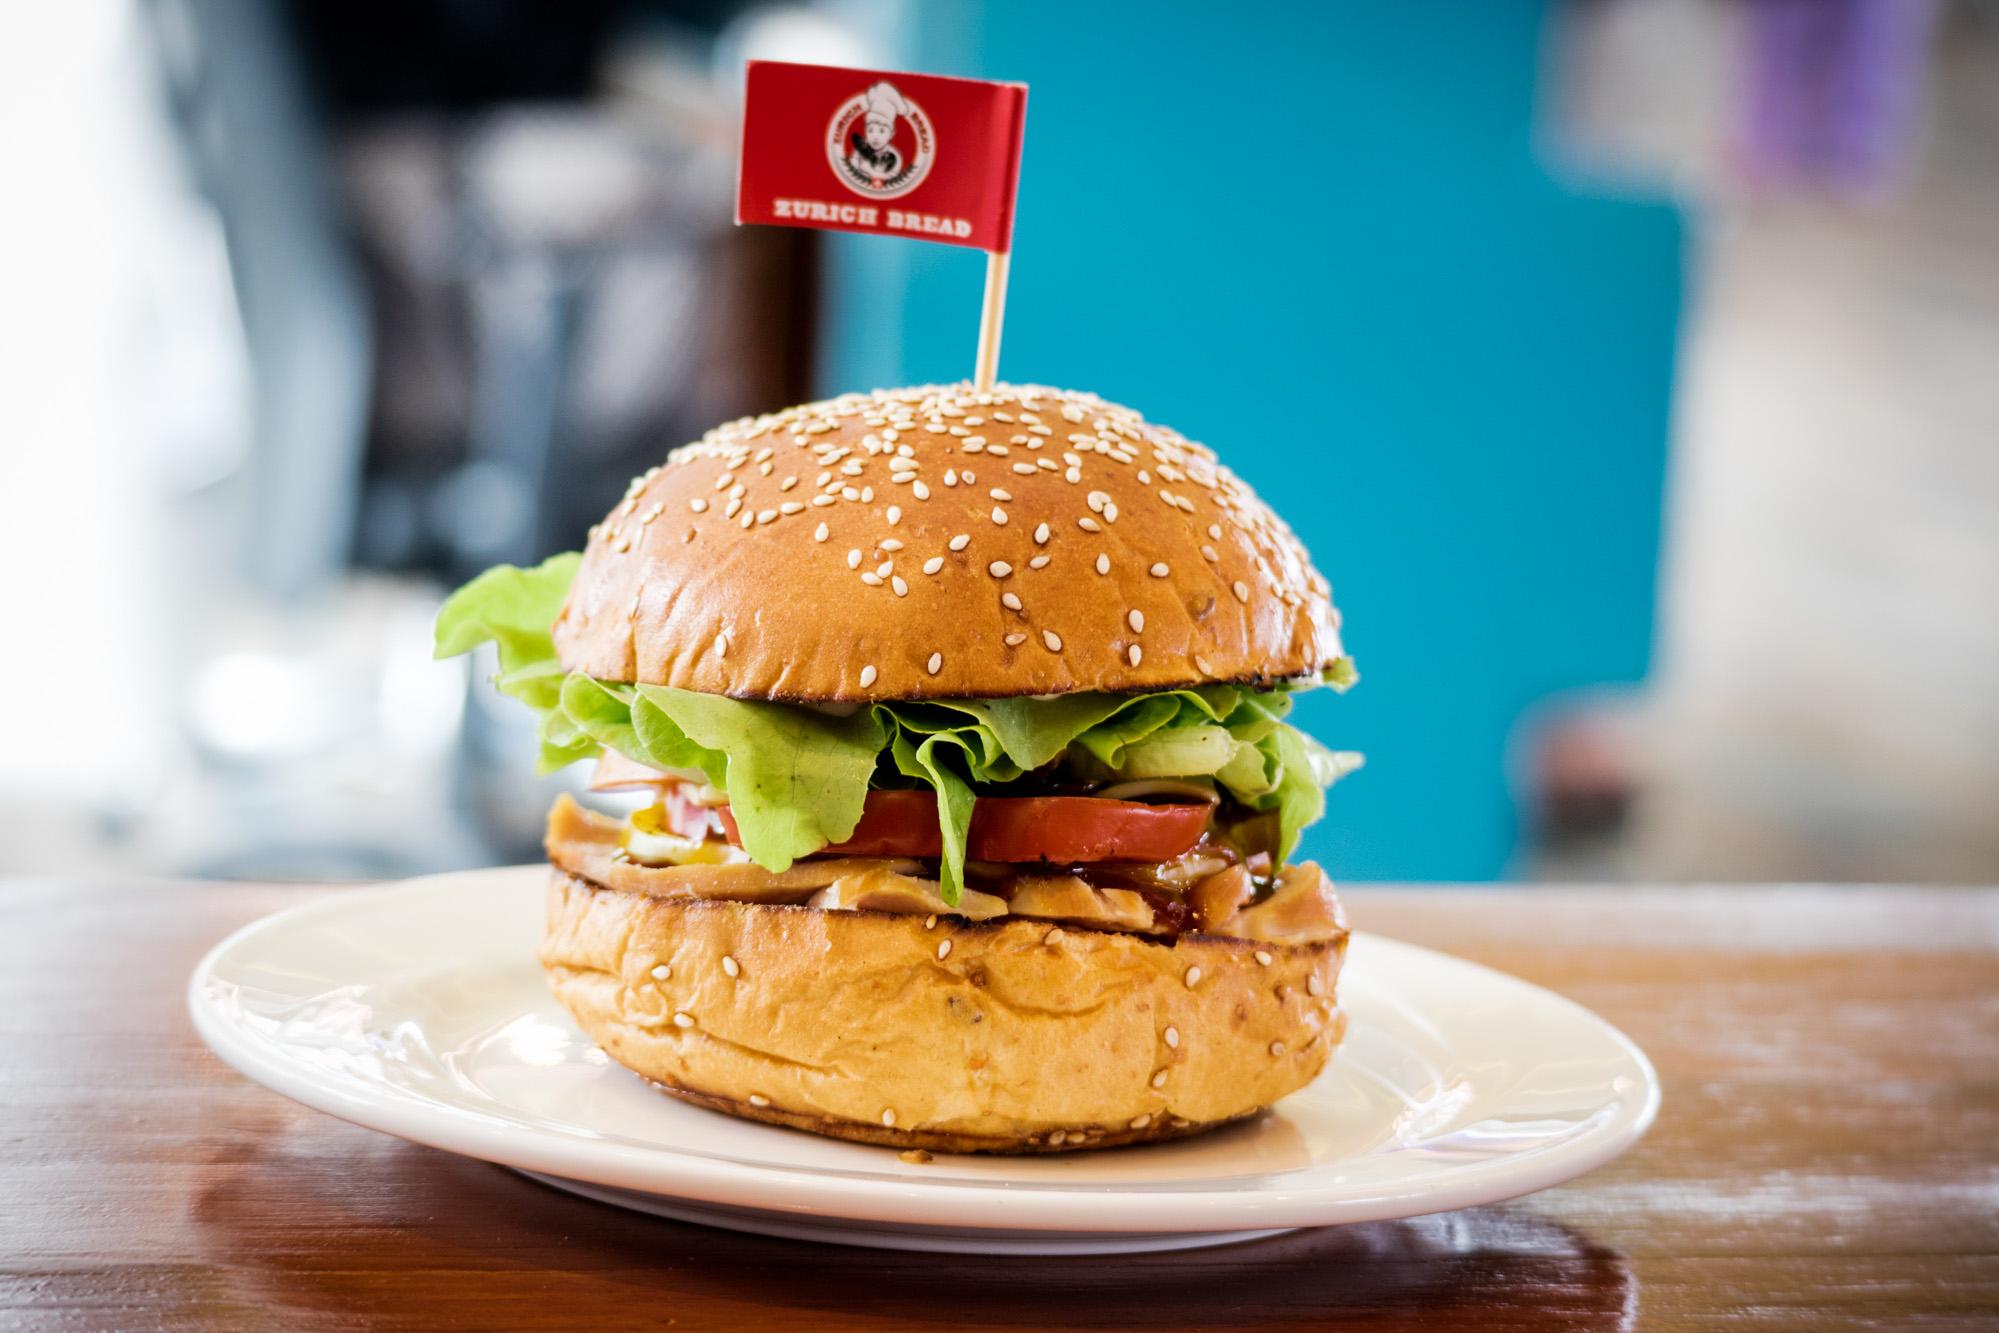 Cuban Ham Ciabatta  ร้านอาหารแนะนำ ในอาคารผู้โดยสารขาออกระหว่างประเทศ ท่าอากาศยานภูเก็ต IMG 8230